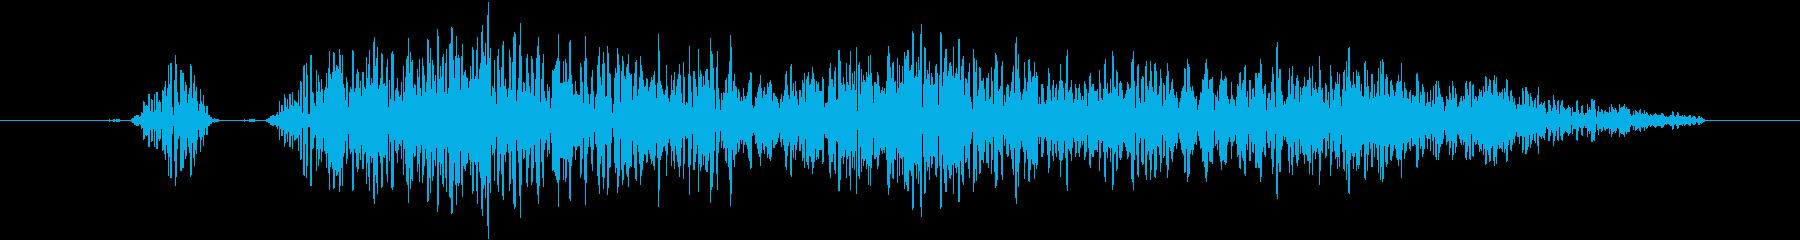 キャンセル/メニュー画面の演出に最適!5の再生済みの波形